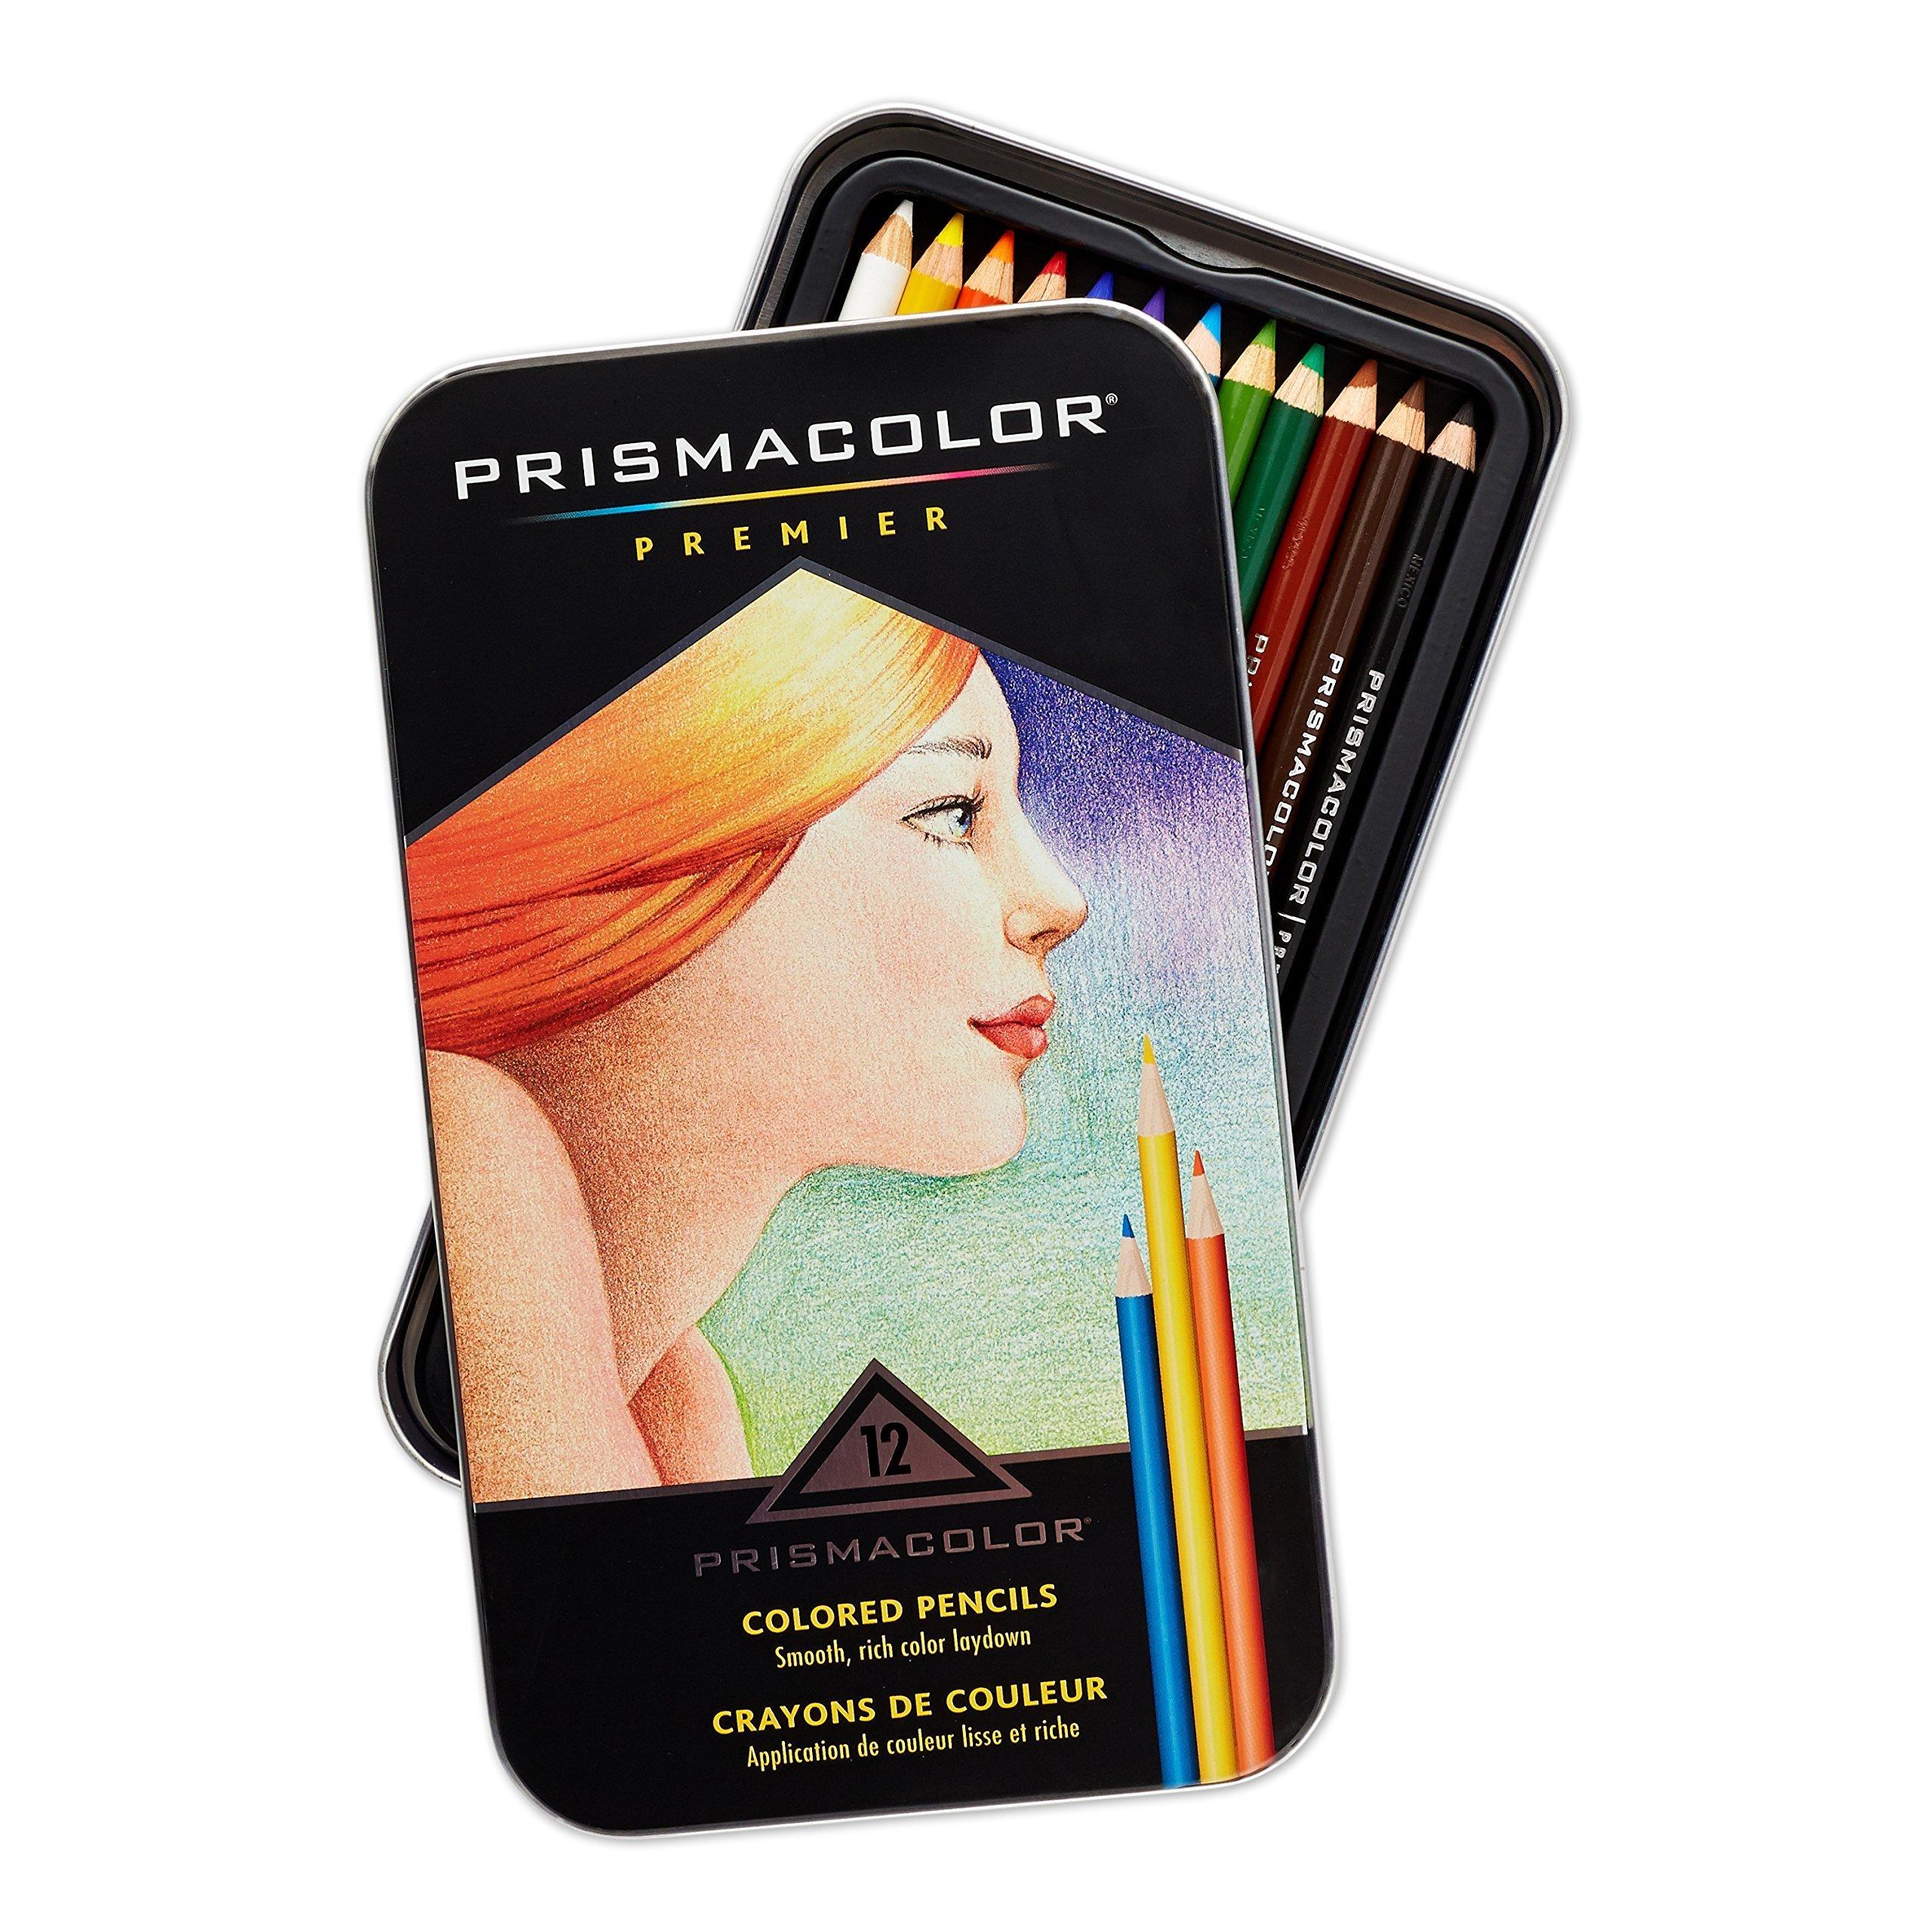 Prismacolor Premier Colored Pencils, Soft Core, 12 Count